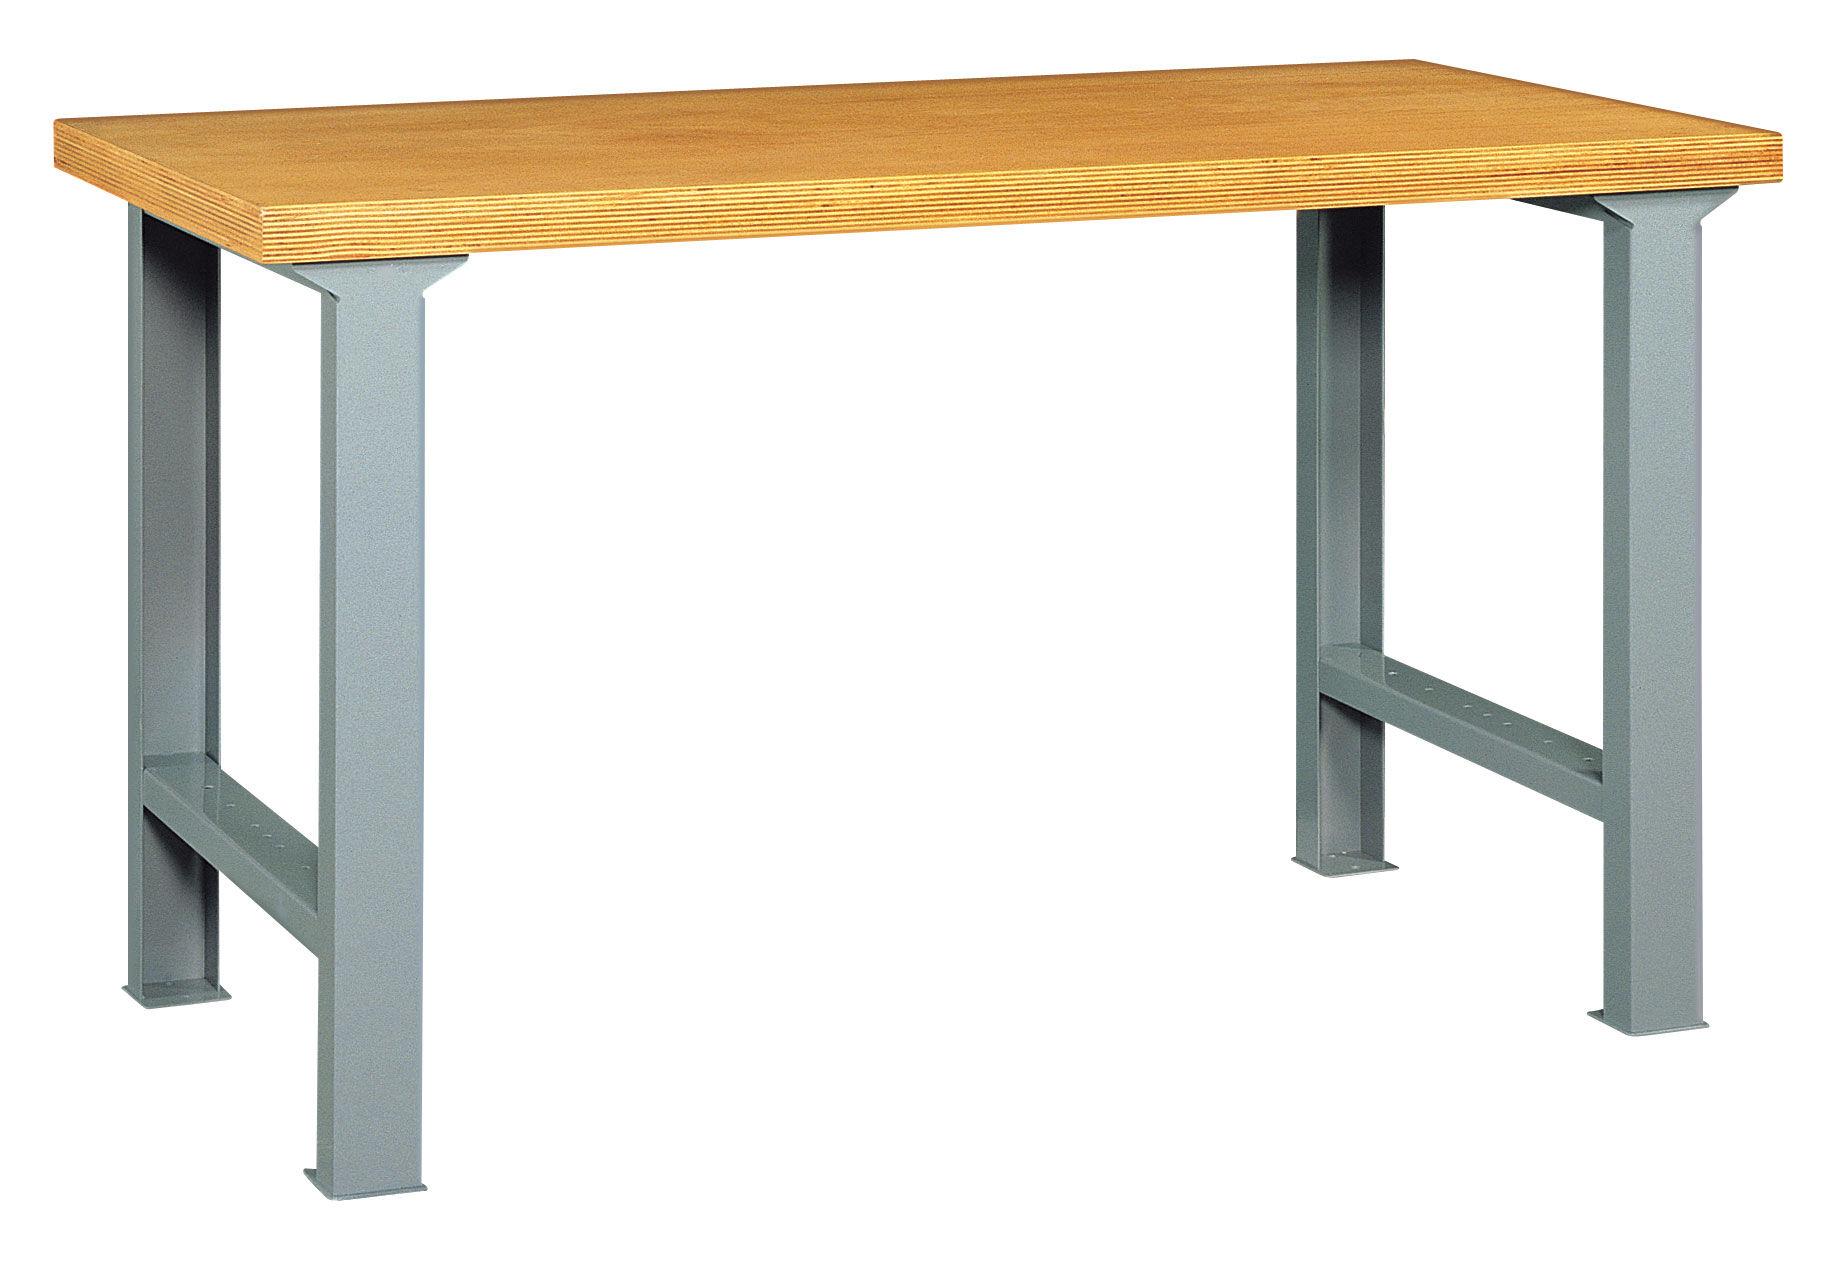 SETAM Etabli atelier avec pieds métal et plateau bois 2 mètres